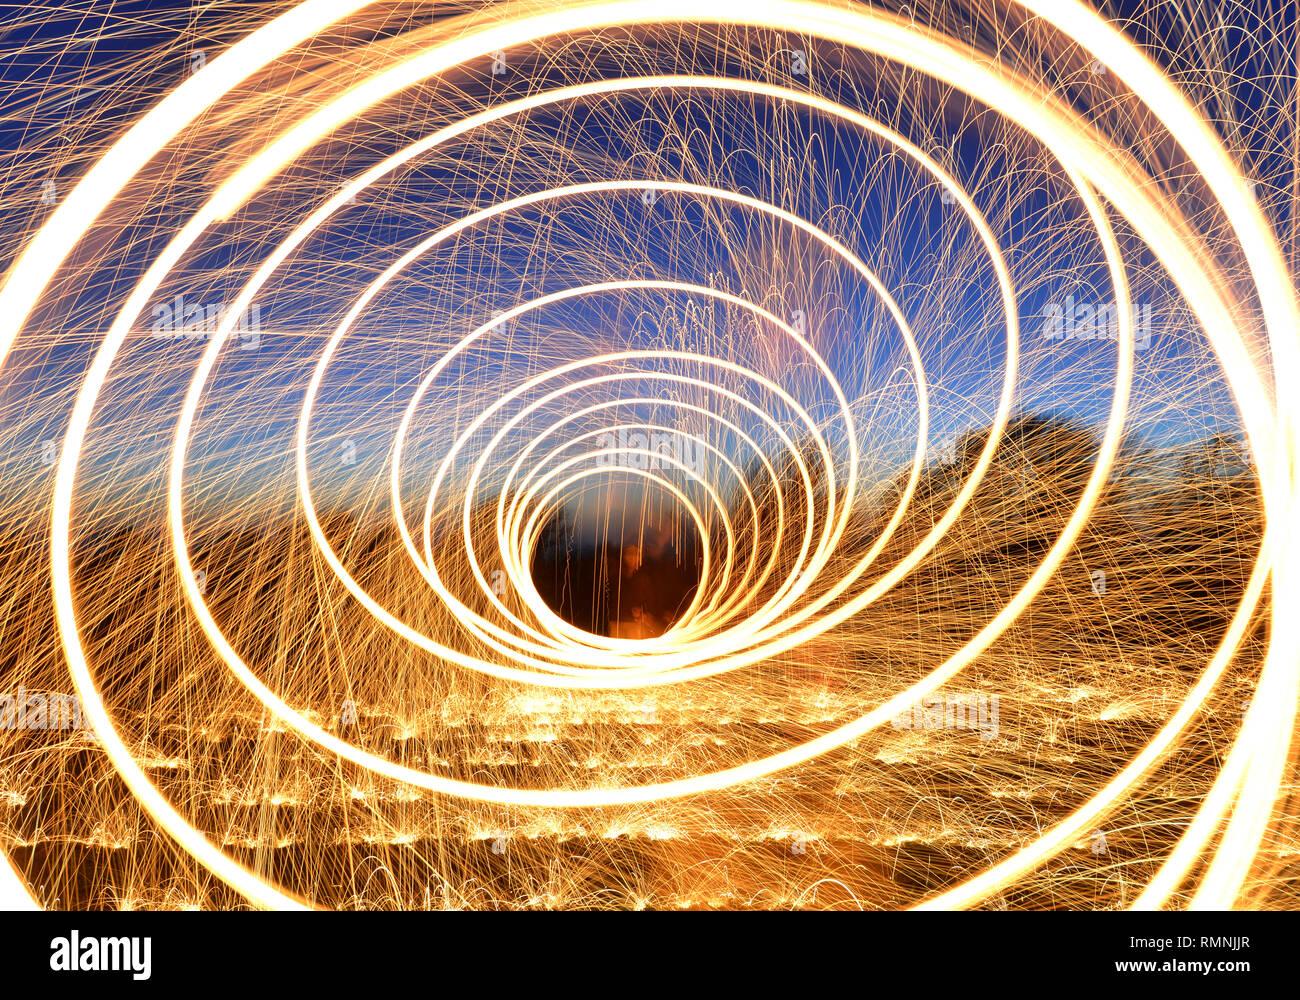 La laine d'acier la photographie. Des sentiers de lumière créé par des étincelles pendant une longue exposition photographie de brûler la laine d'acier. Photo Stock